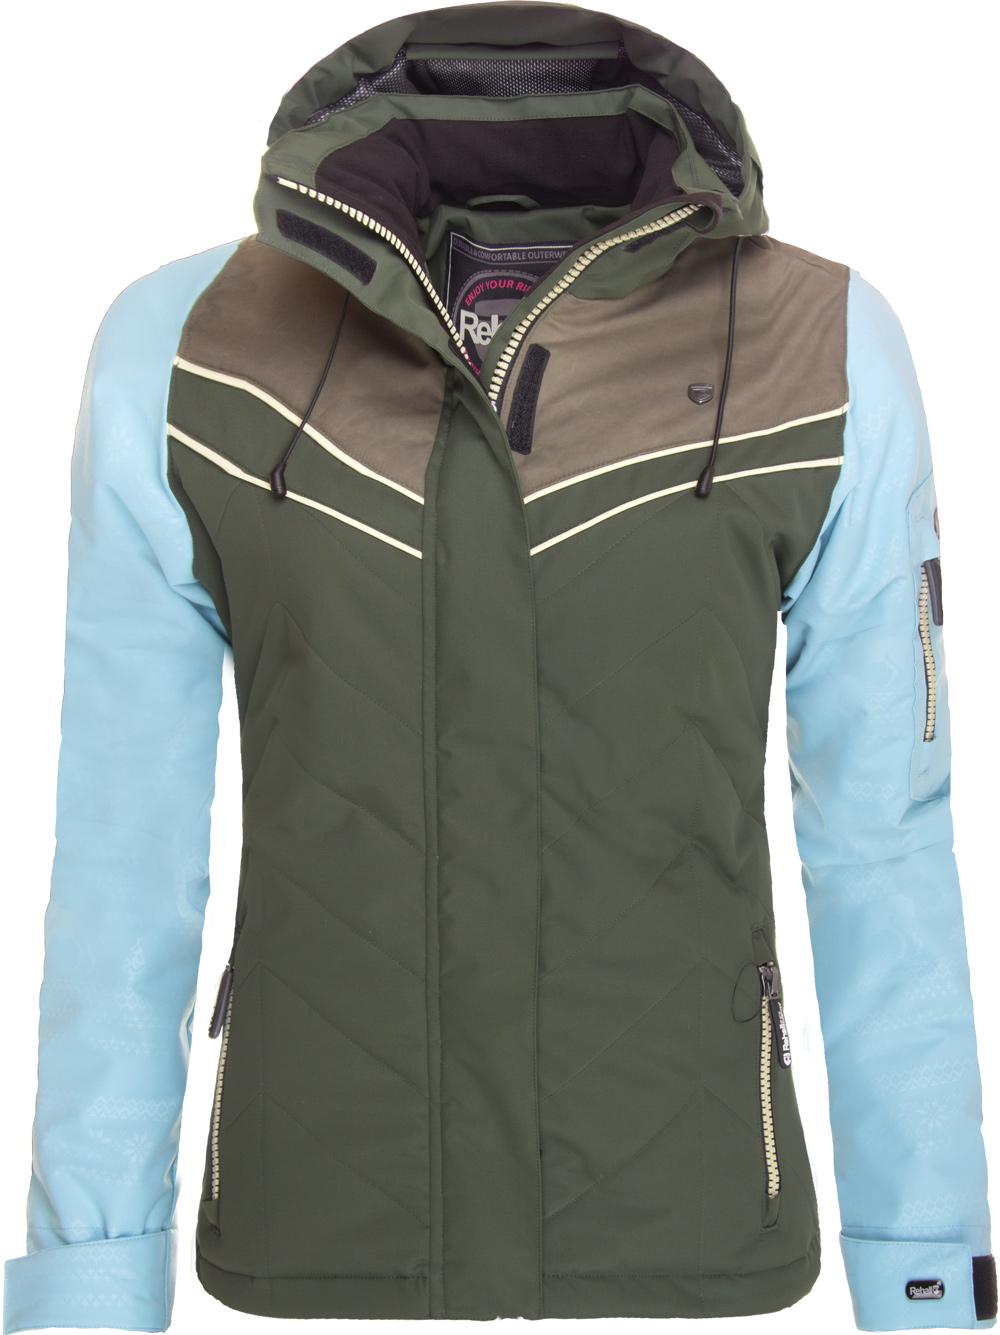 Ski jacket women's REHALL CILA-R